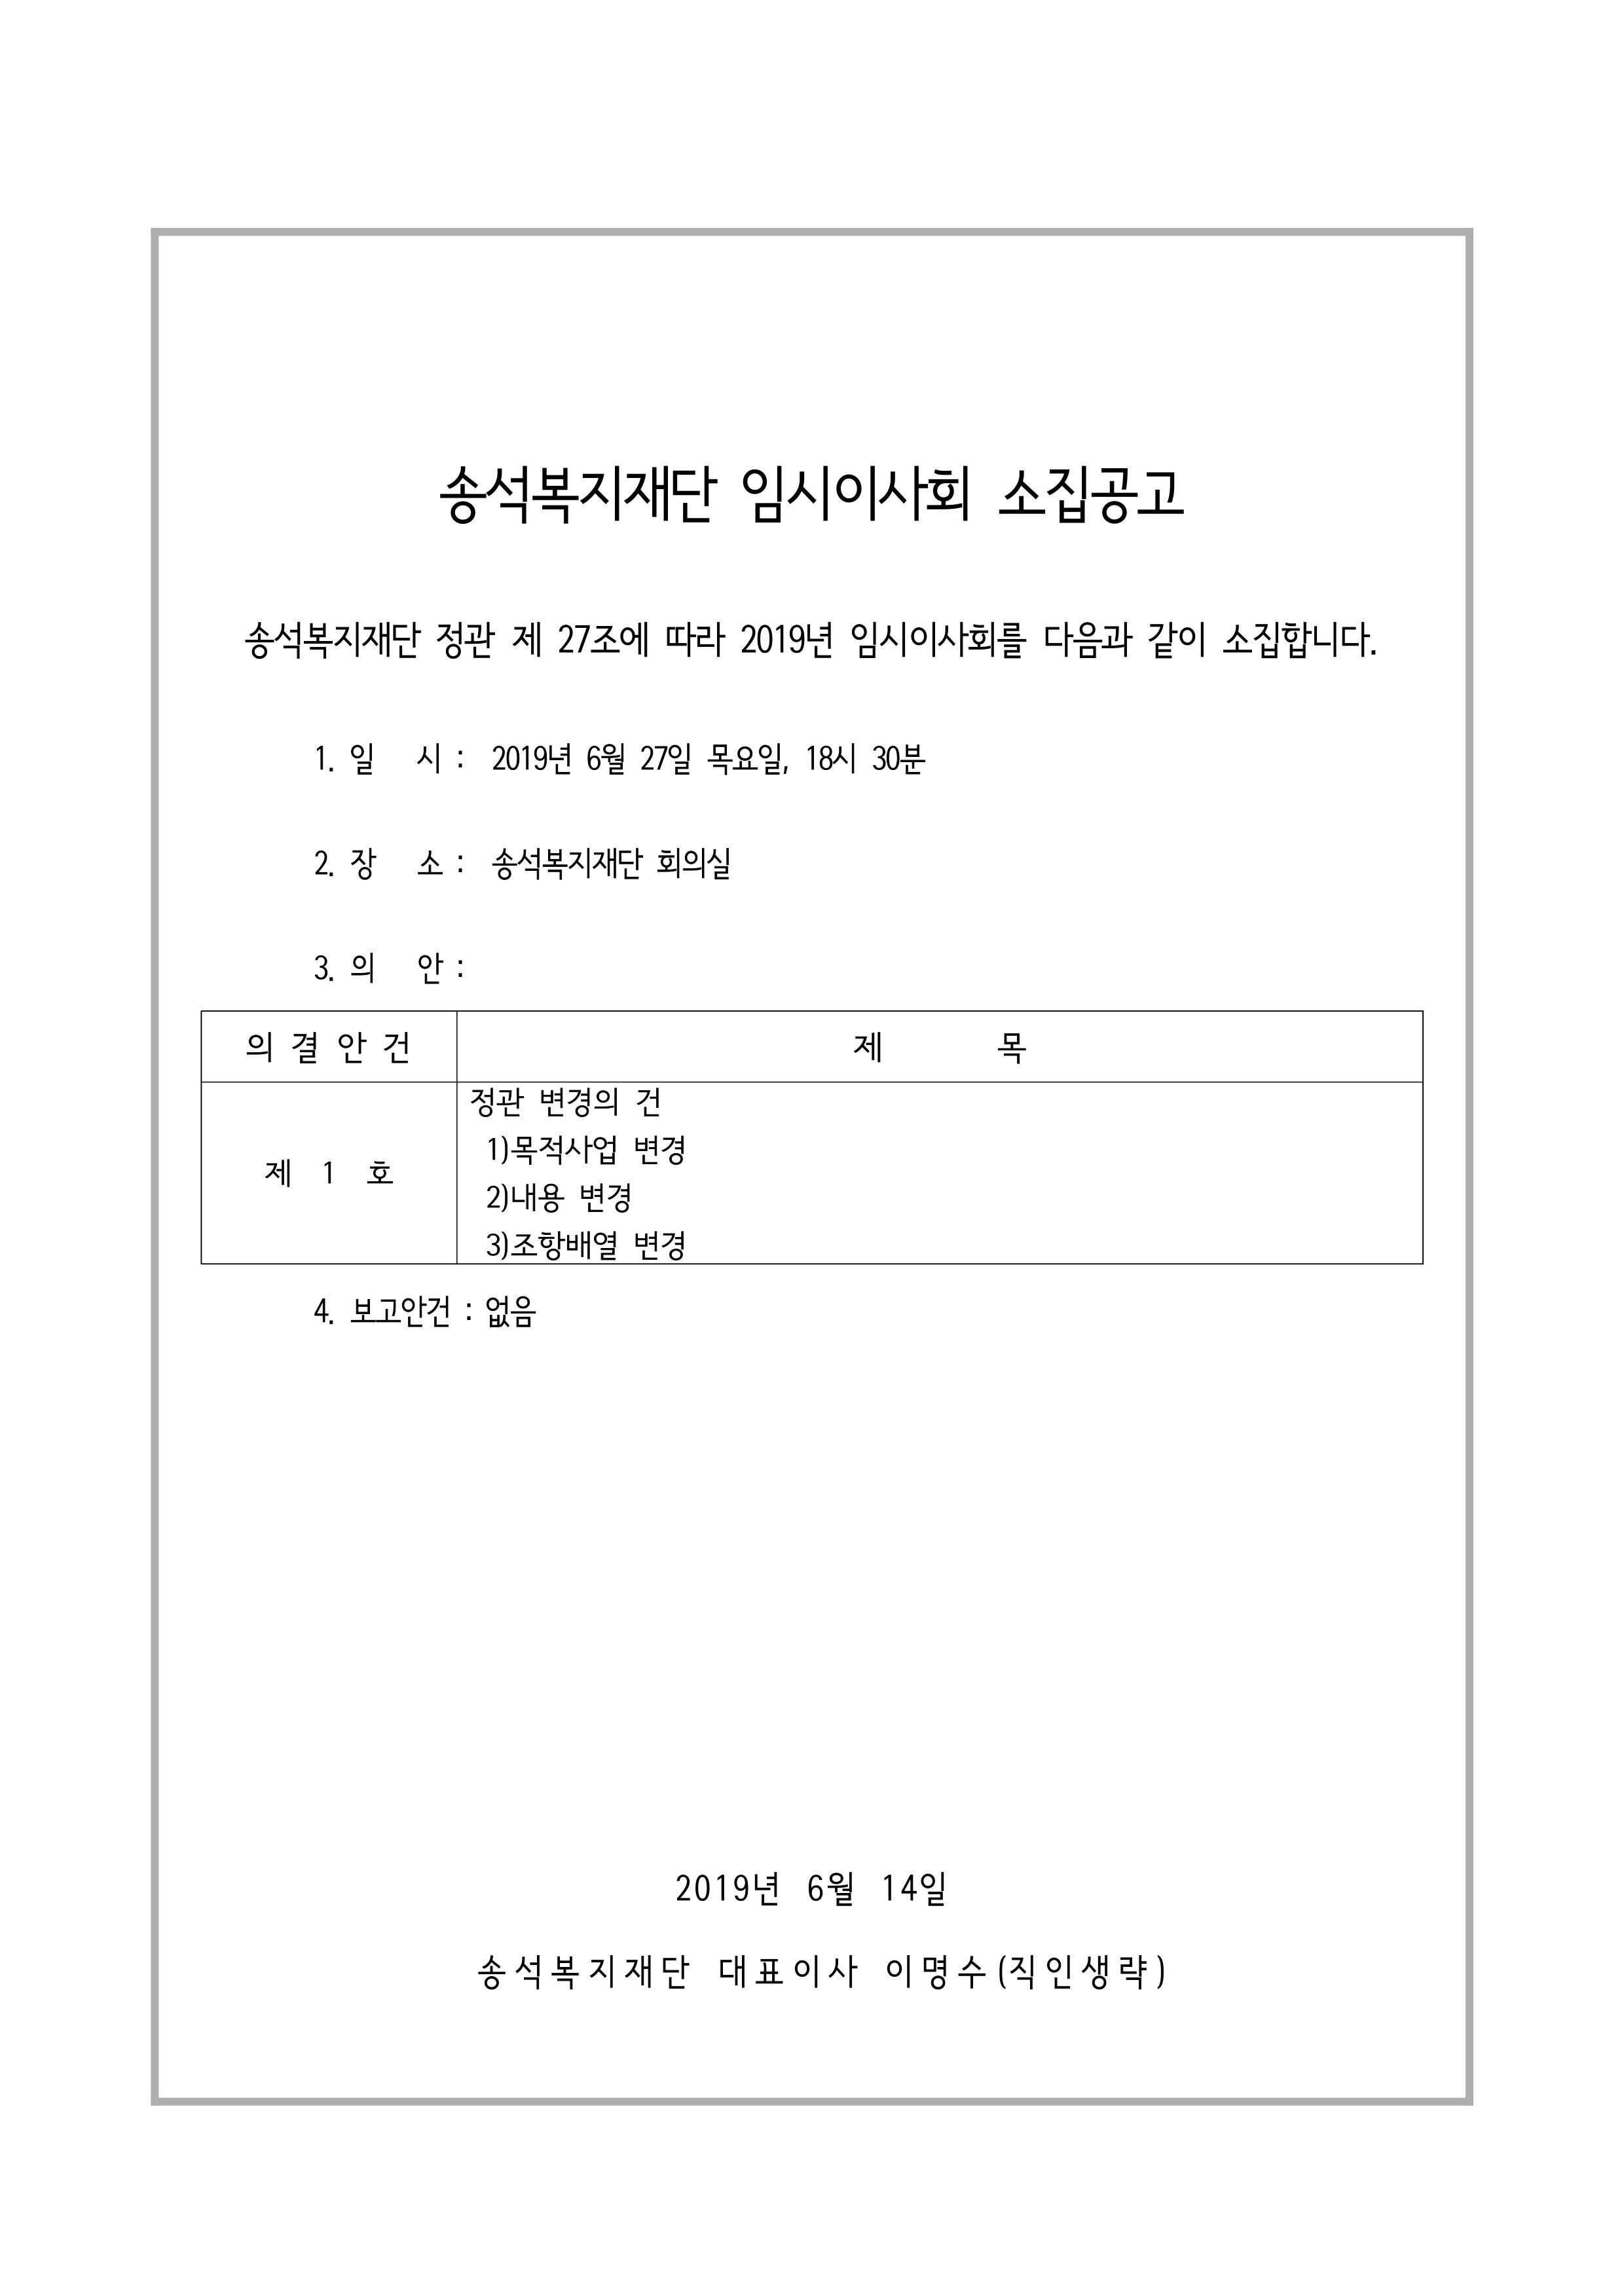 201906_임시이사회소집공고.jpg